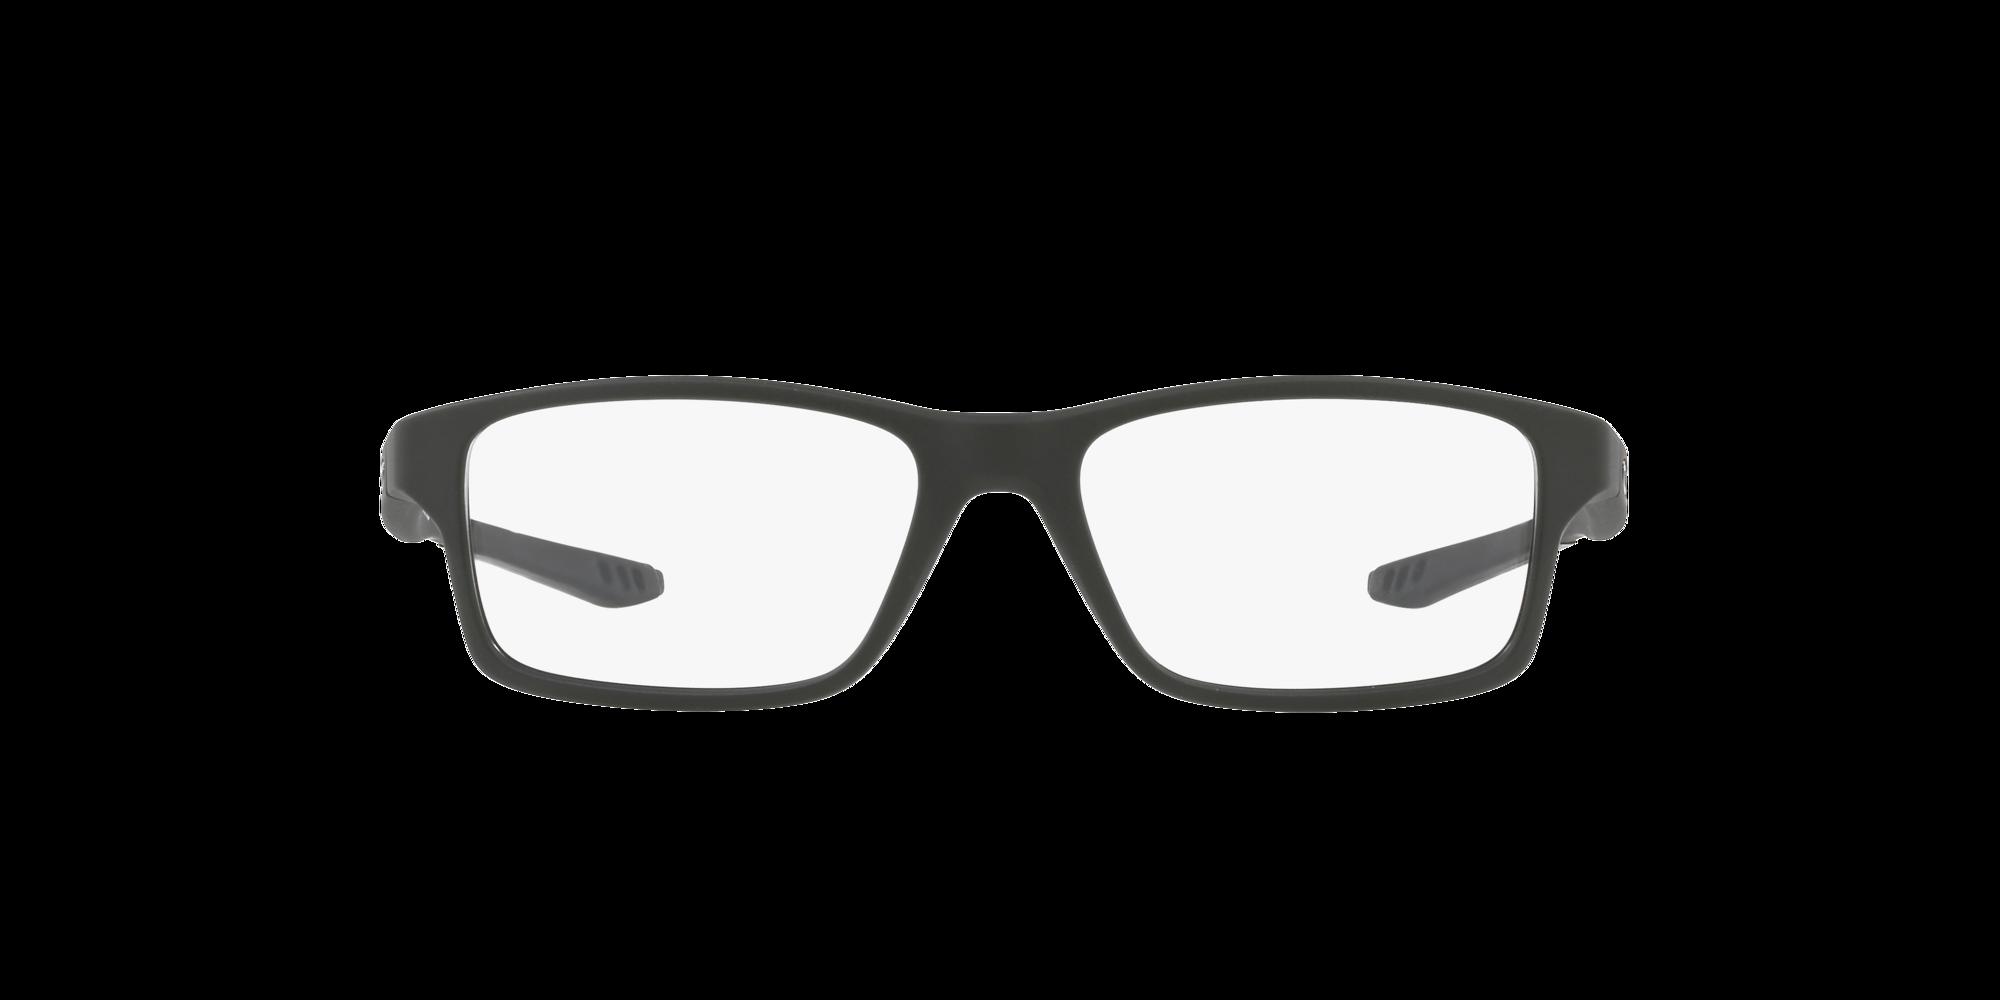 Imagen para OY8002 CROSSLINK XS de LensCrafters |  Espejuelos, espejuelos graduados en línea, gafas